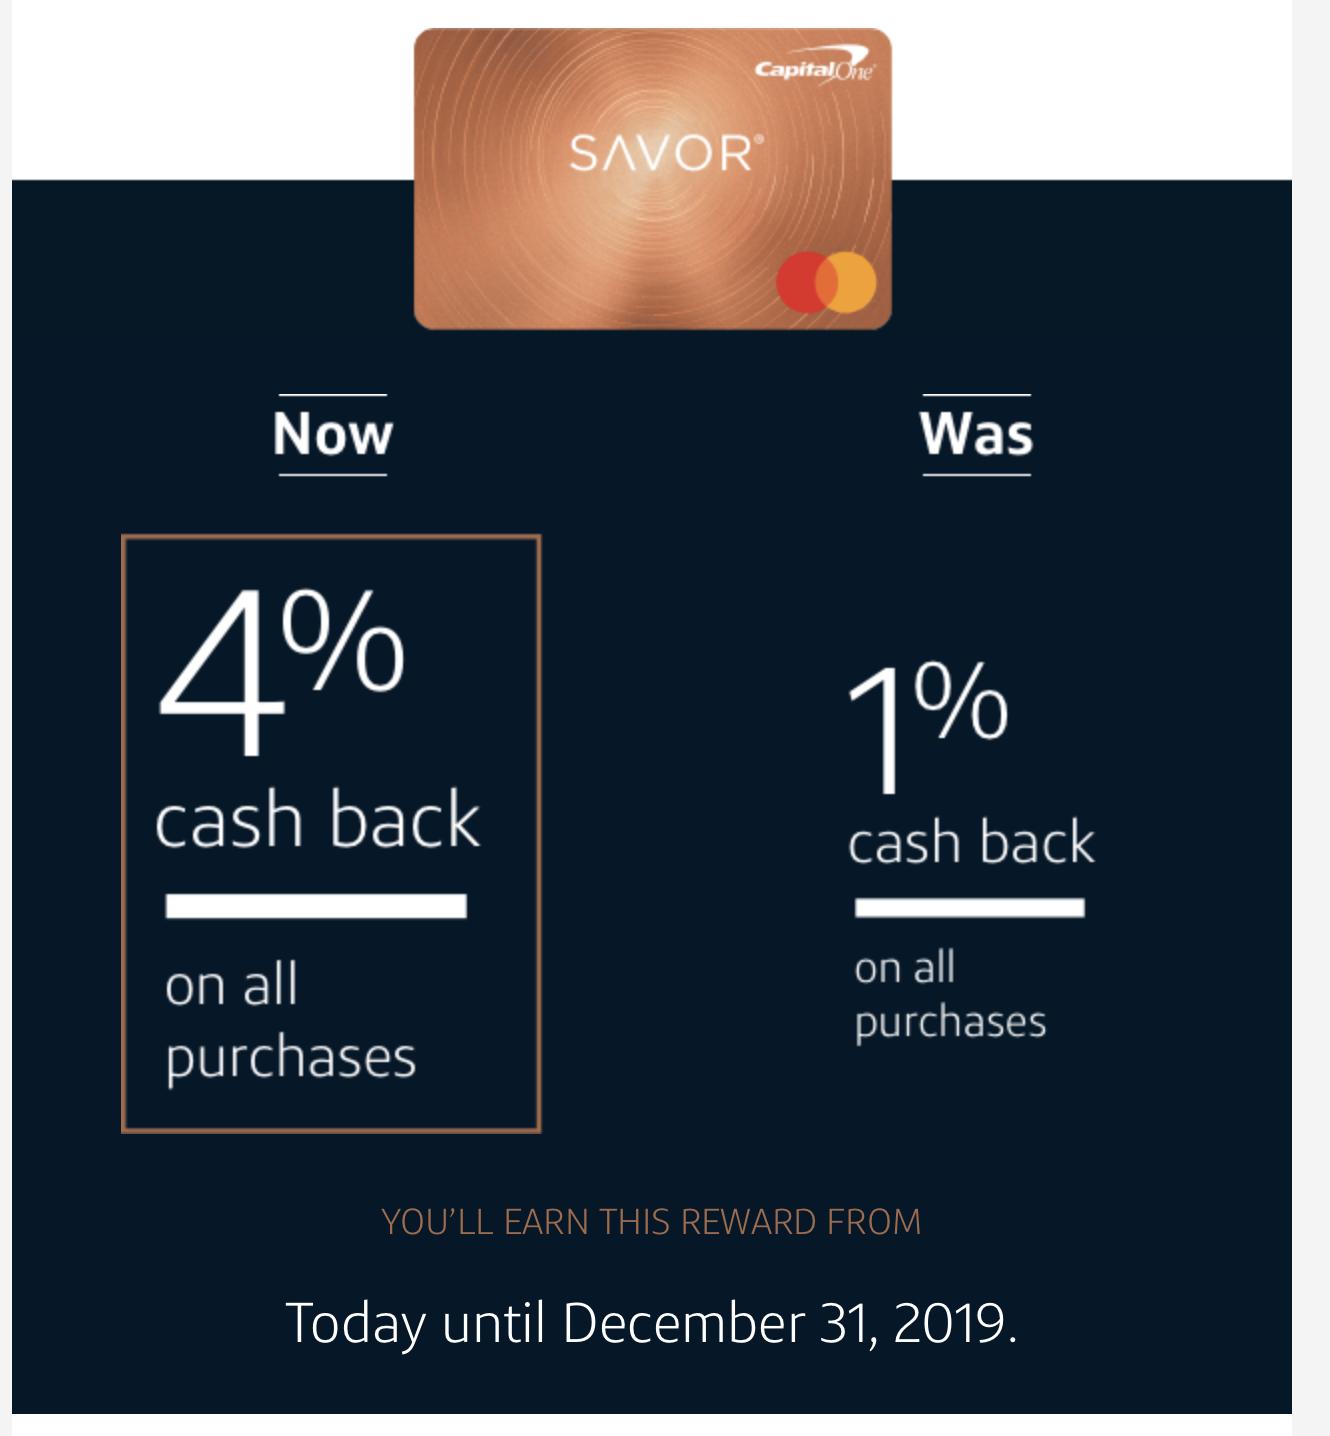 Savor Card Cash Back